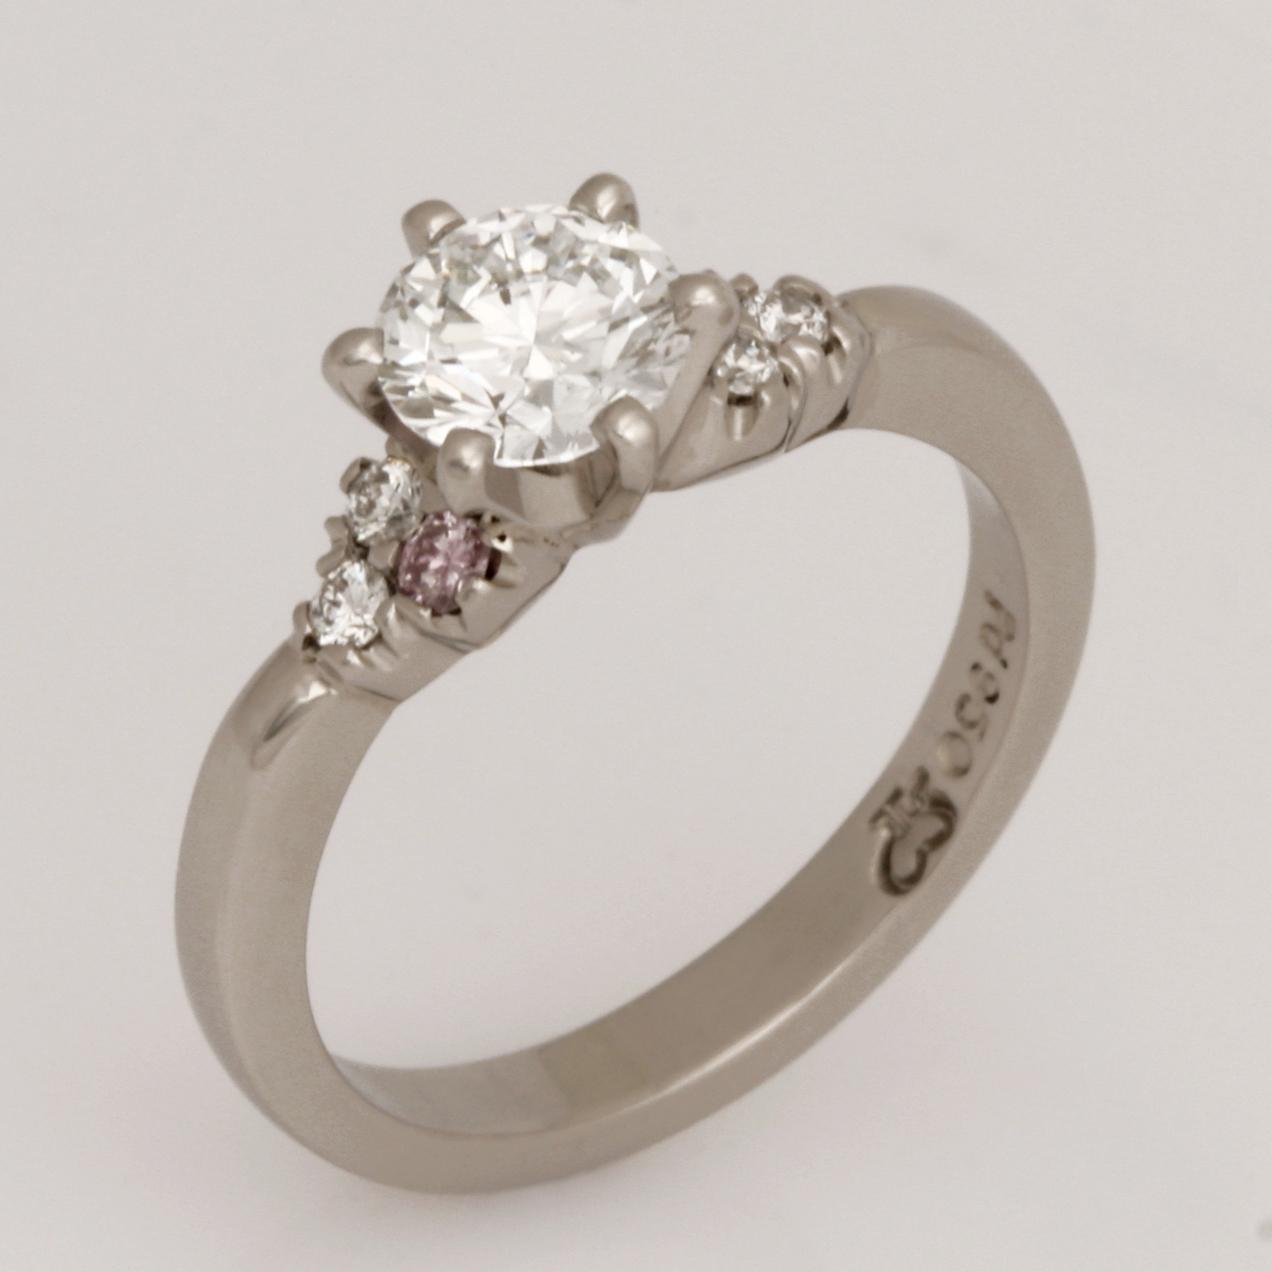 Handmade ladies Palladium diamond engagement ring featuring white diamonds and two round pink diamonds